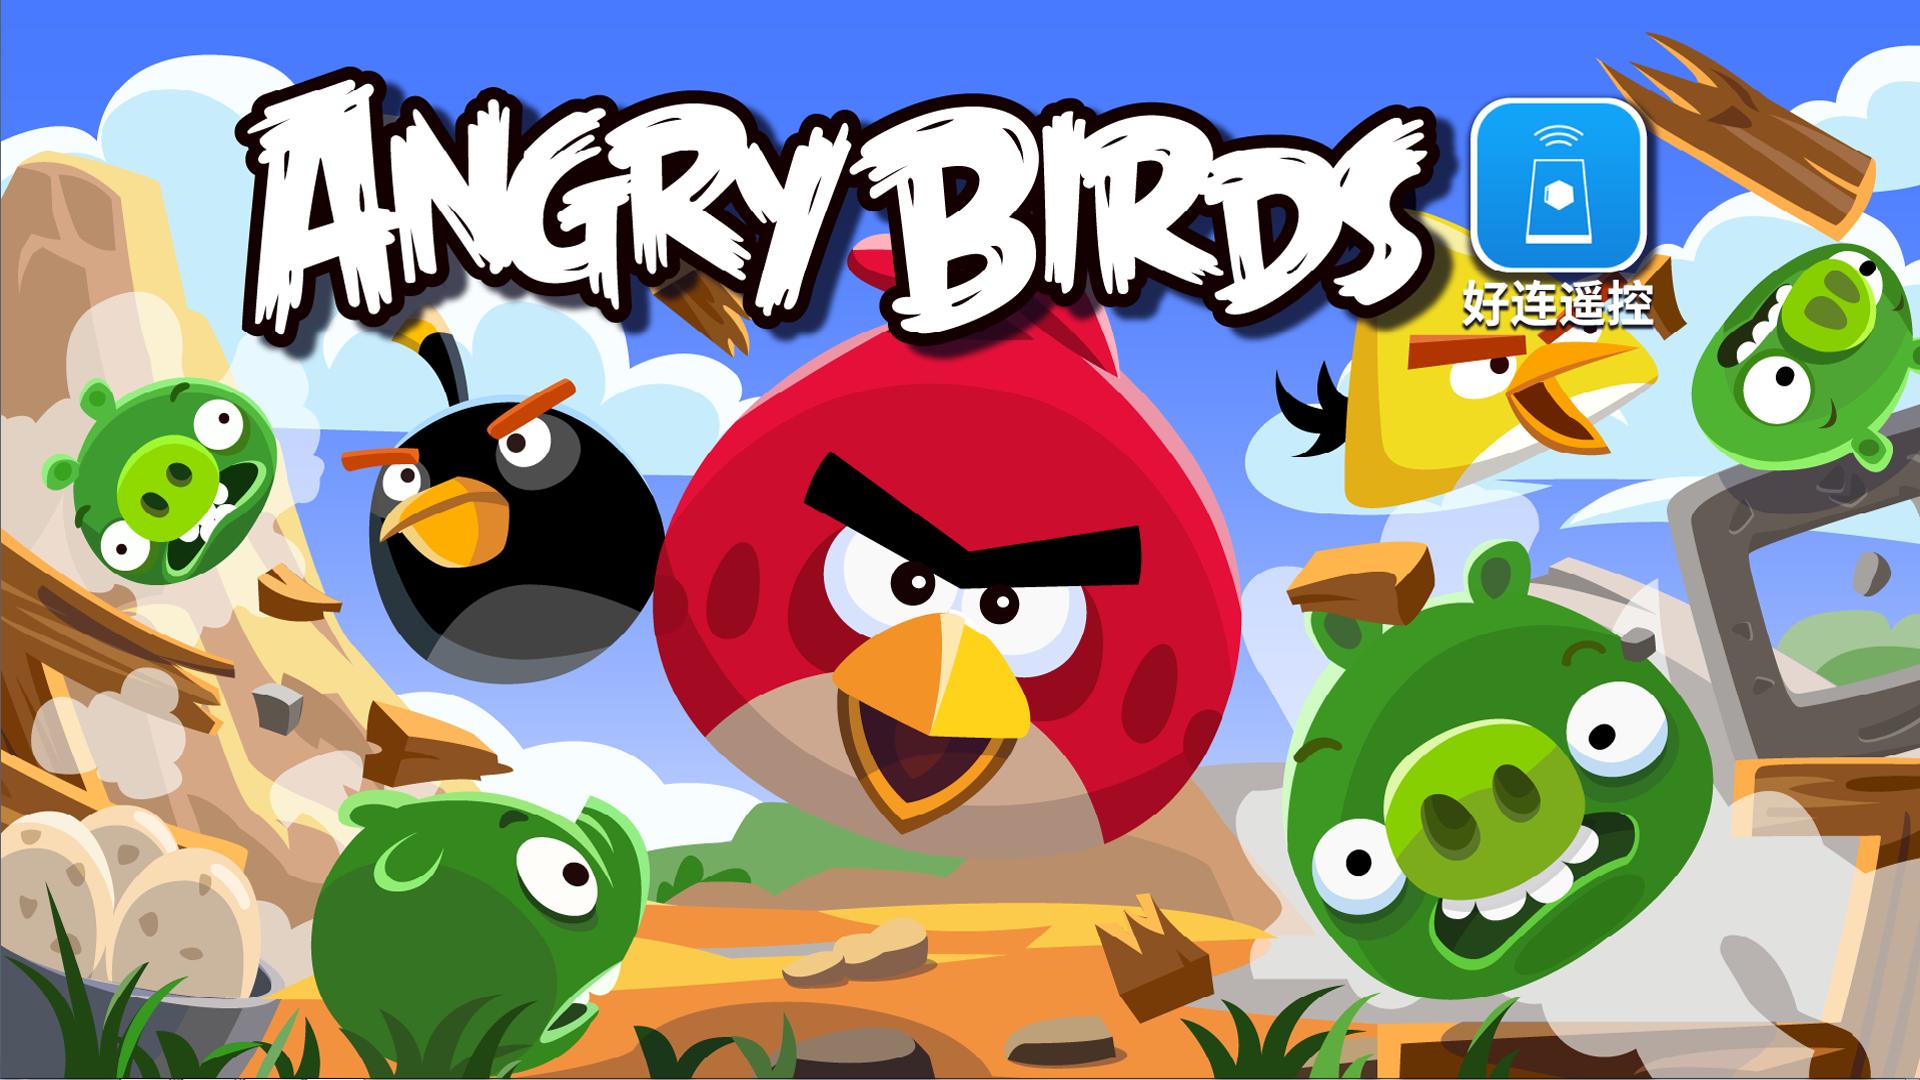 游戏愤怒的小鸟_愤怒的小鸟,愤怒的小鸟下载-愤怒的小鸟免费高清完整版迅雷下载